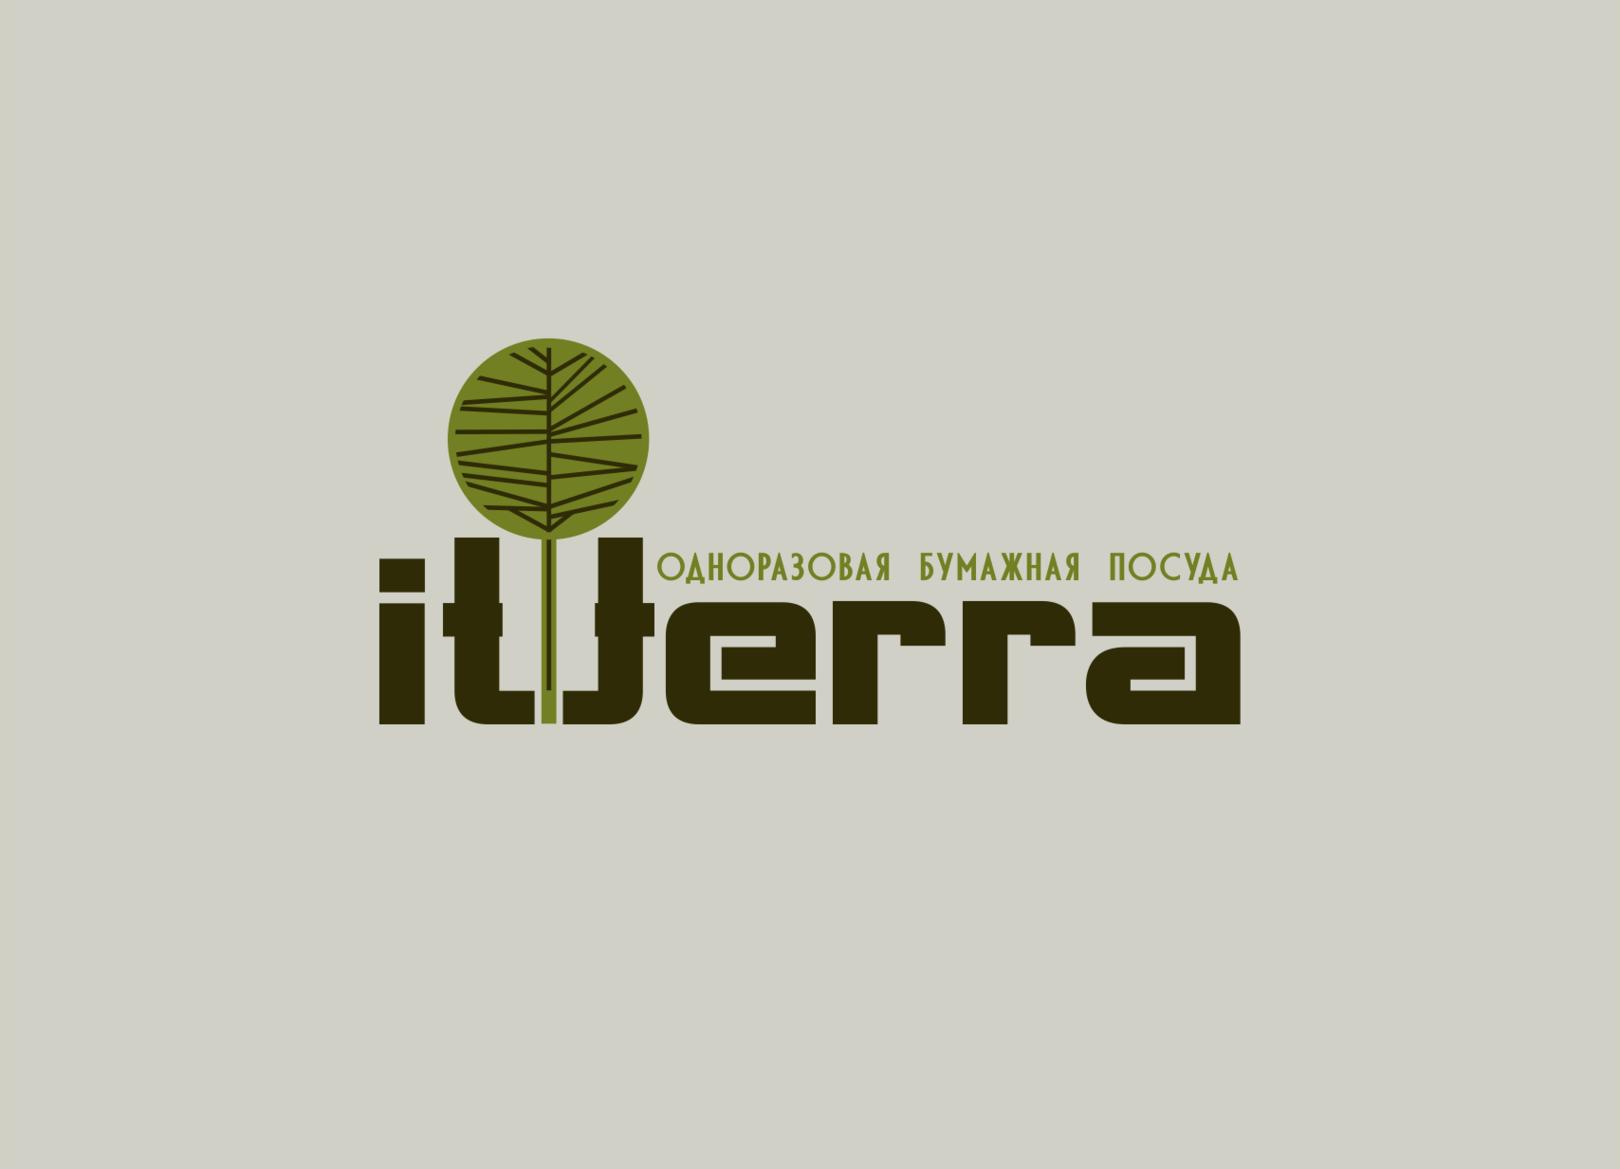 Логотип. Вариант.